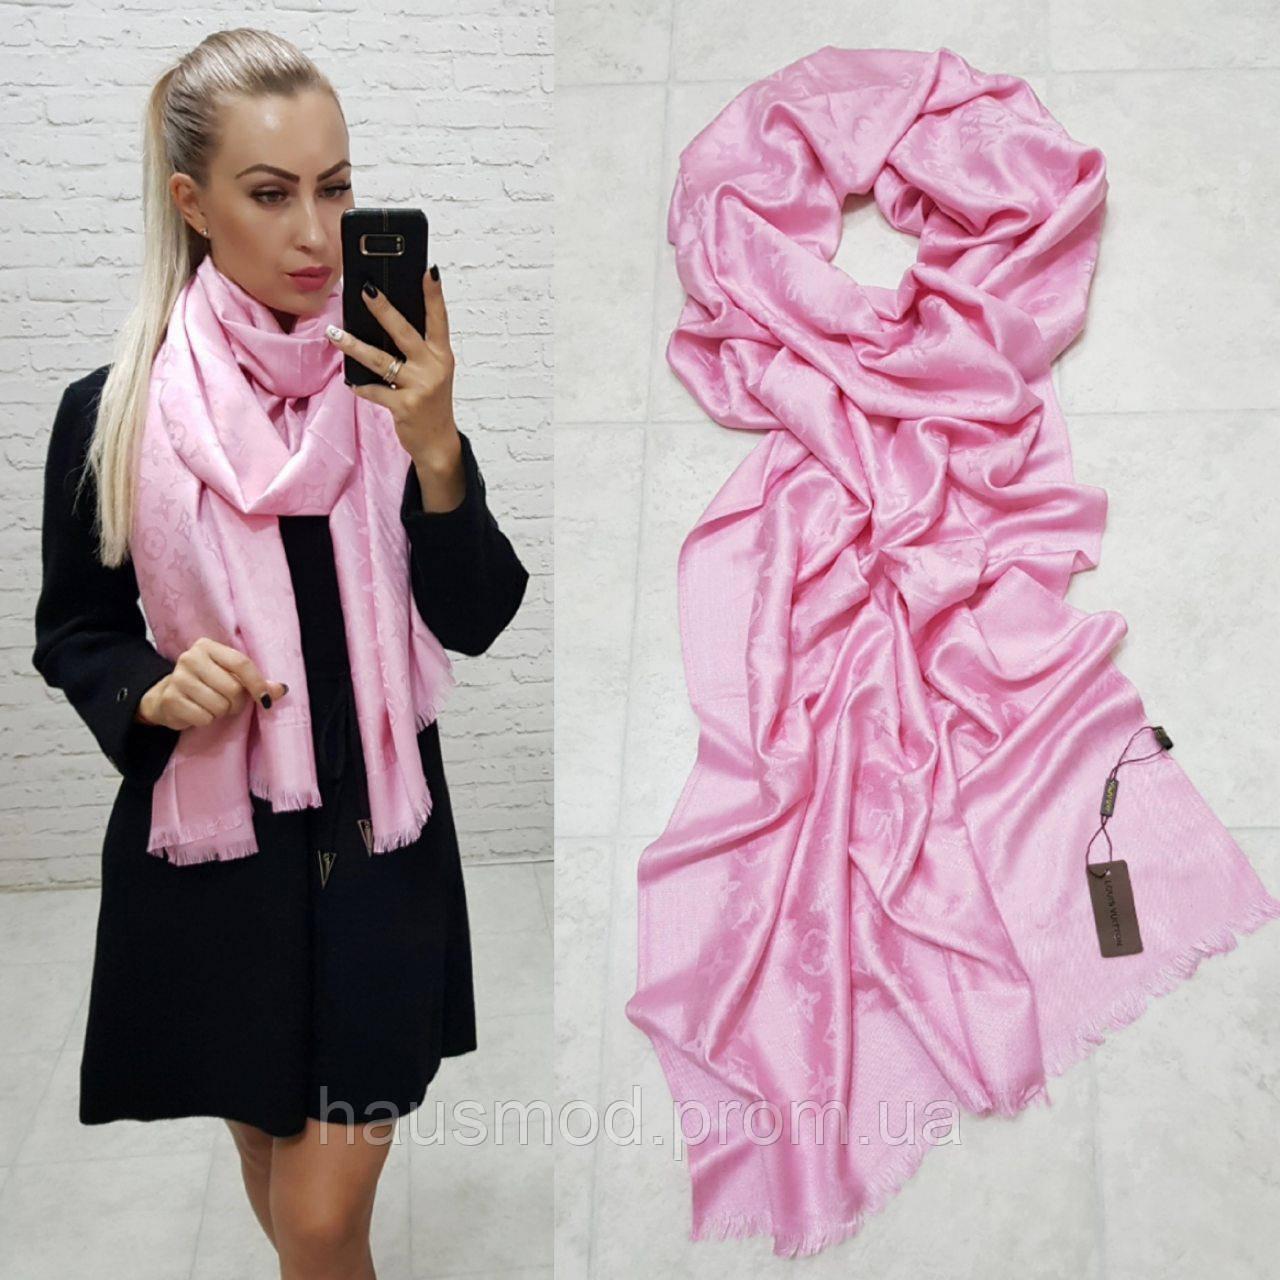 Женский палантин шарф брендовый реплика Louis Vuitton 65% шелк 35% кашемир размер 190×0.70 см цвет розовый